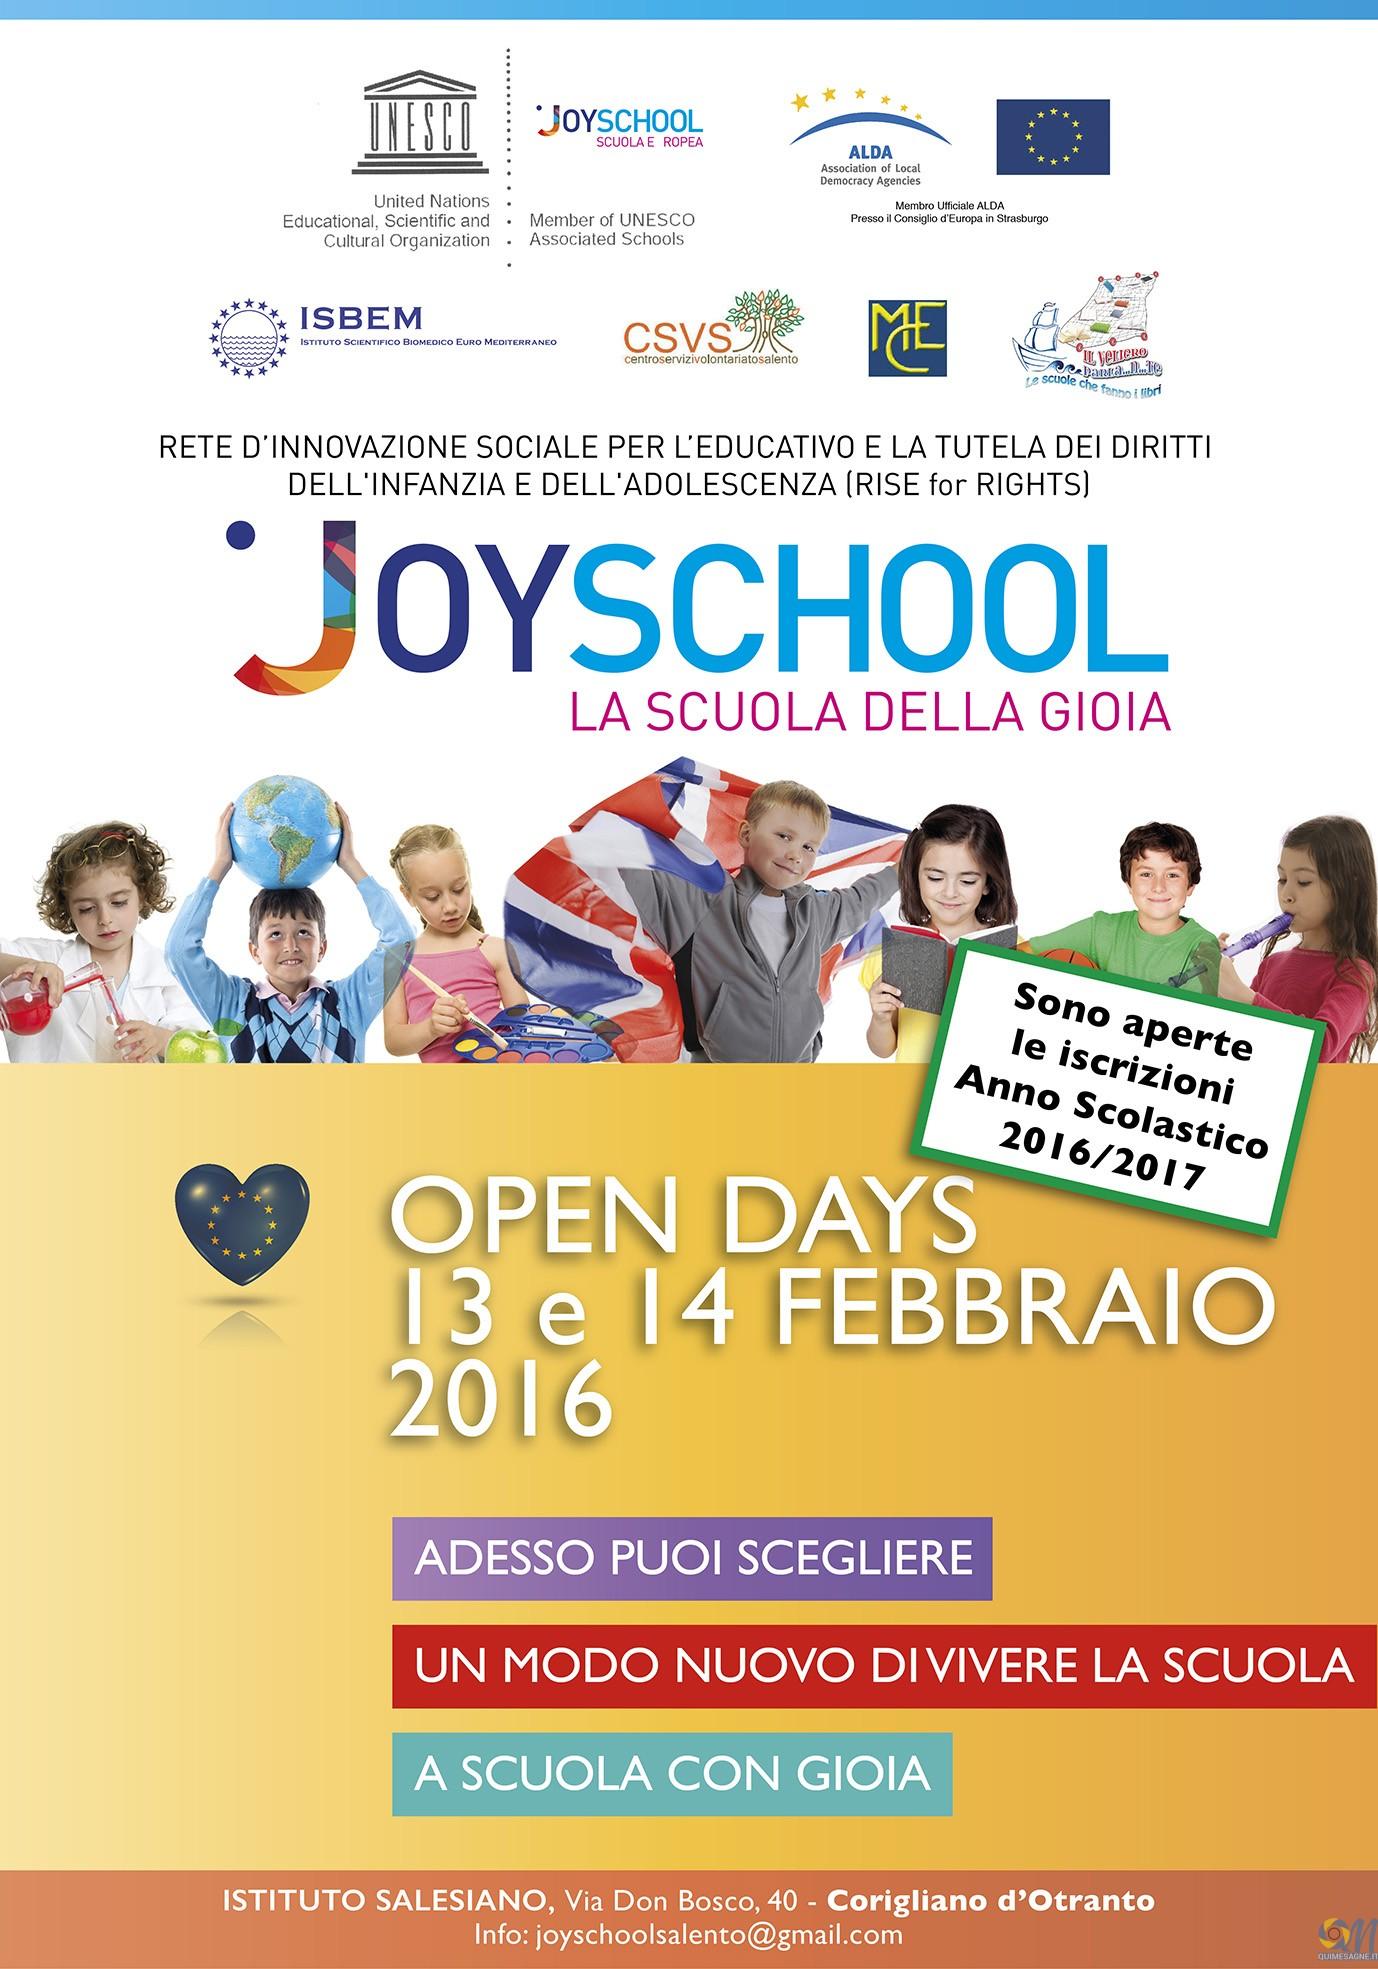 Presentato a Lecce il progetto Joyschool, interviene il prof. Distante